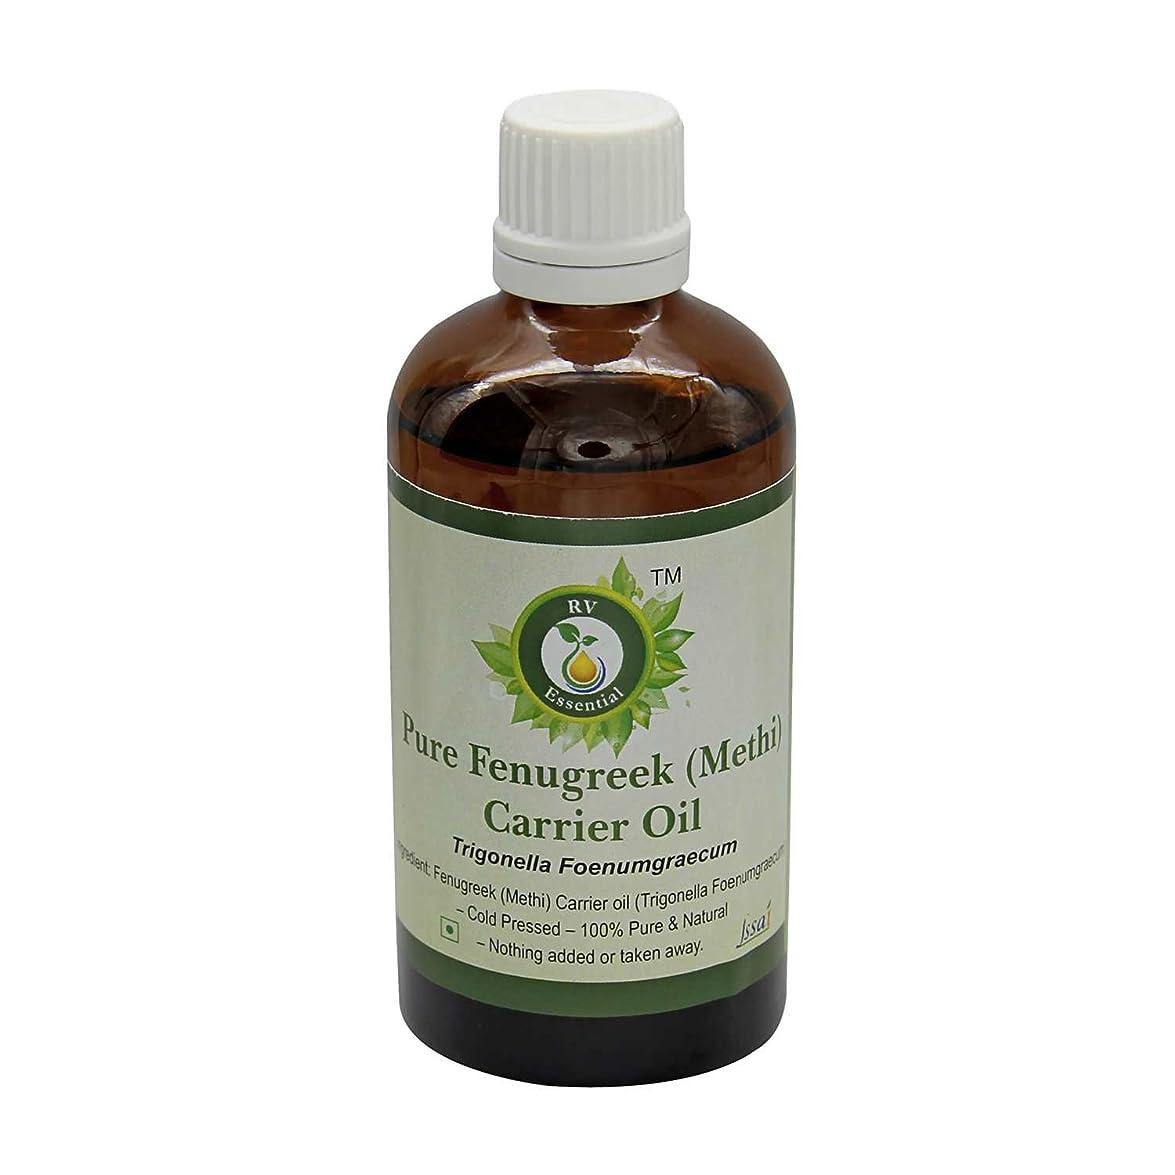 頑固なパッチ適応するR V Essential 純粋なフェヌグリーク(Methi)キャリアオイル100ml (3.38oz)- Trigonella Foenumgraecum (100%ピュア&ナチュラルコールドPressed) Pure Fenugreek (Methi) Carrier Oil